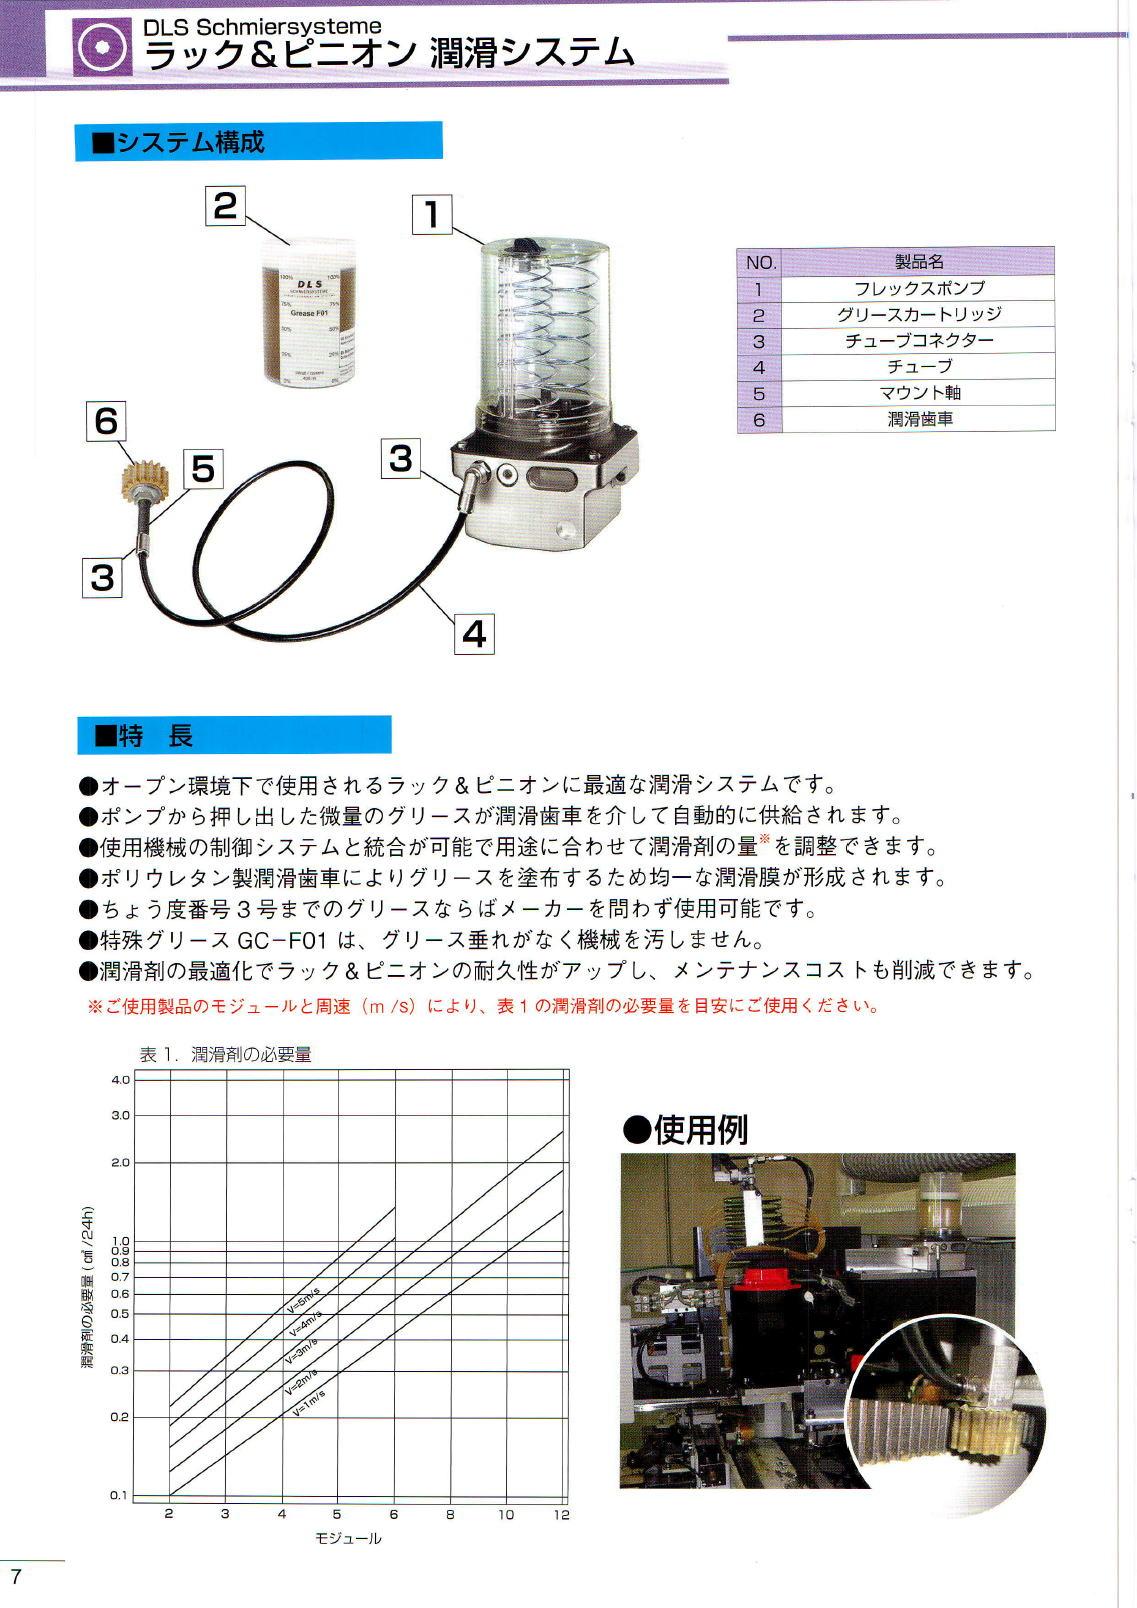 KHK ラック&ピニオン潤滑システム